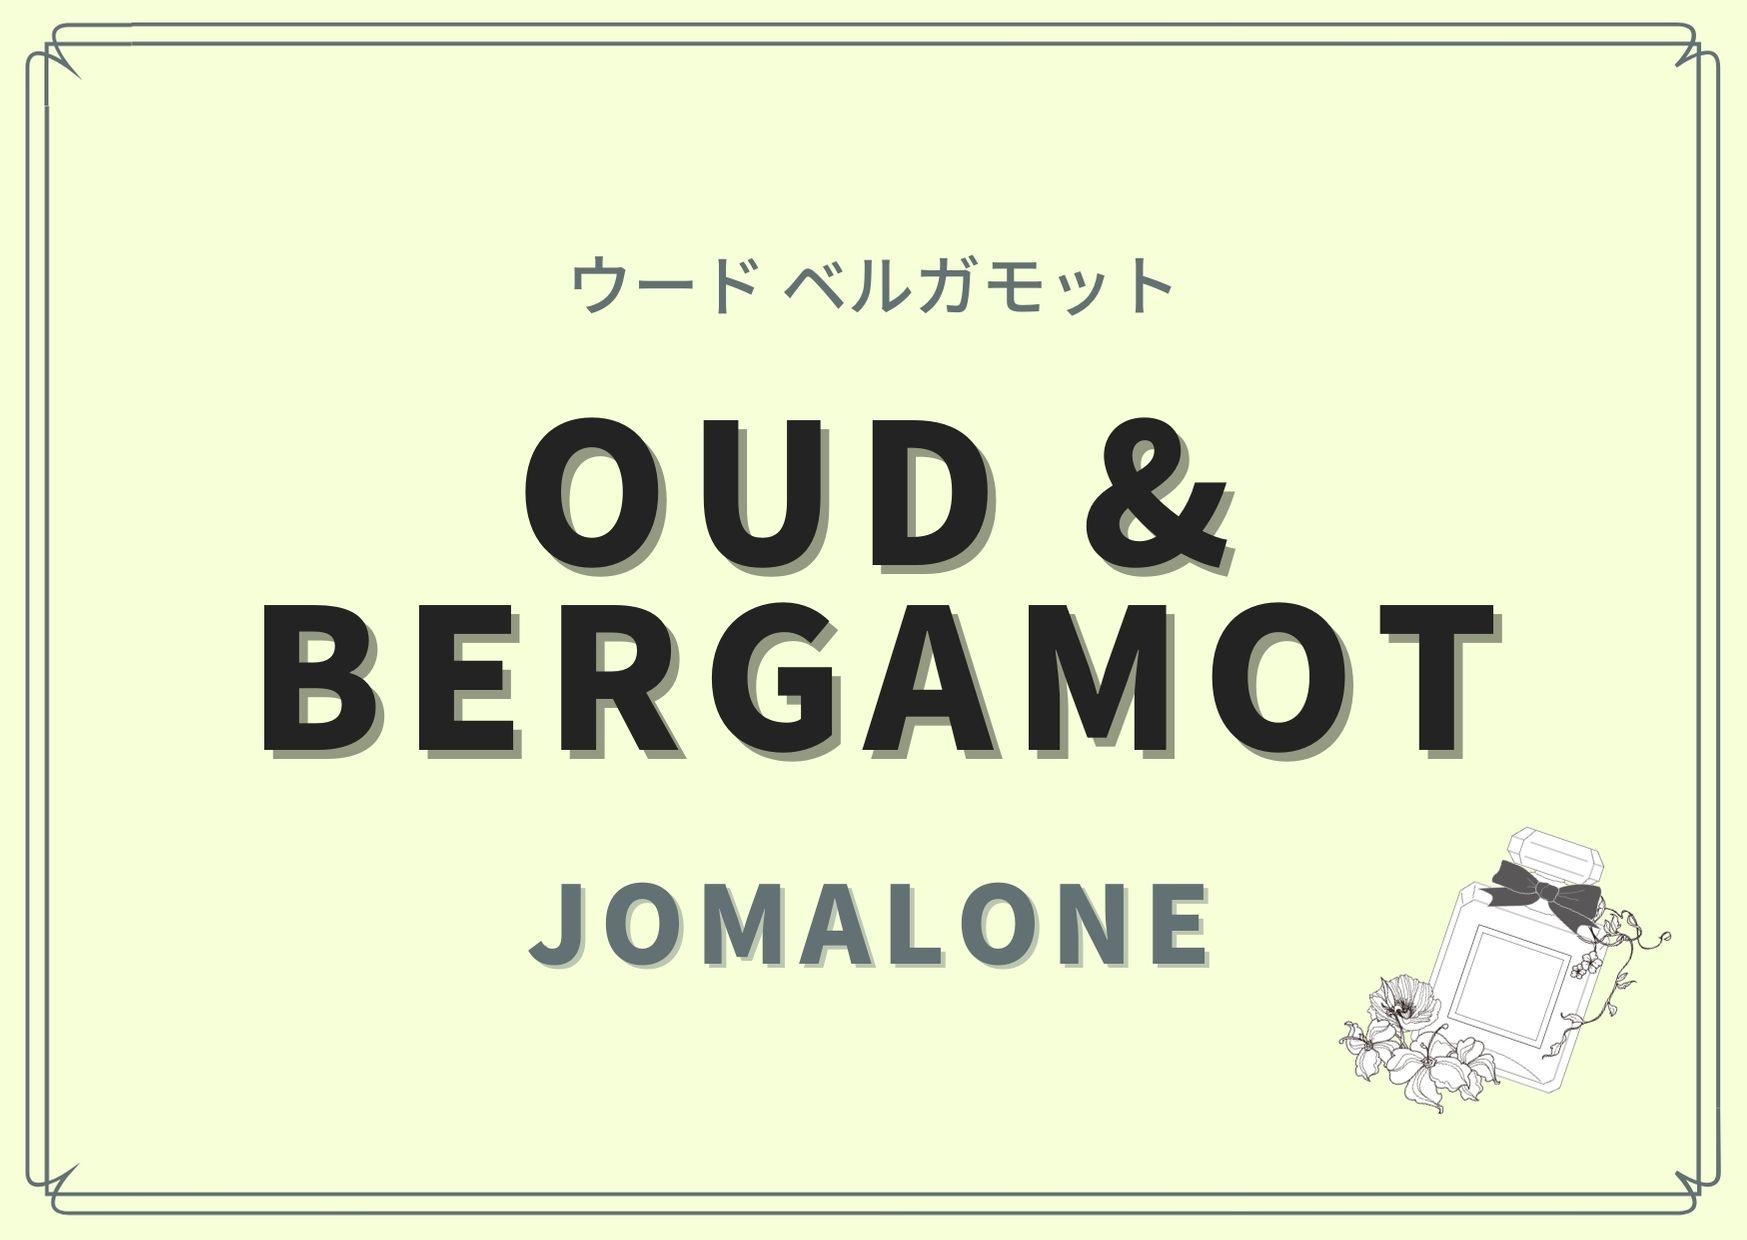 Oud & Bergamot(ウード・ベルガモット)/JoMalone(ジョーマローン)